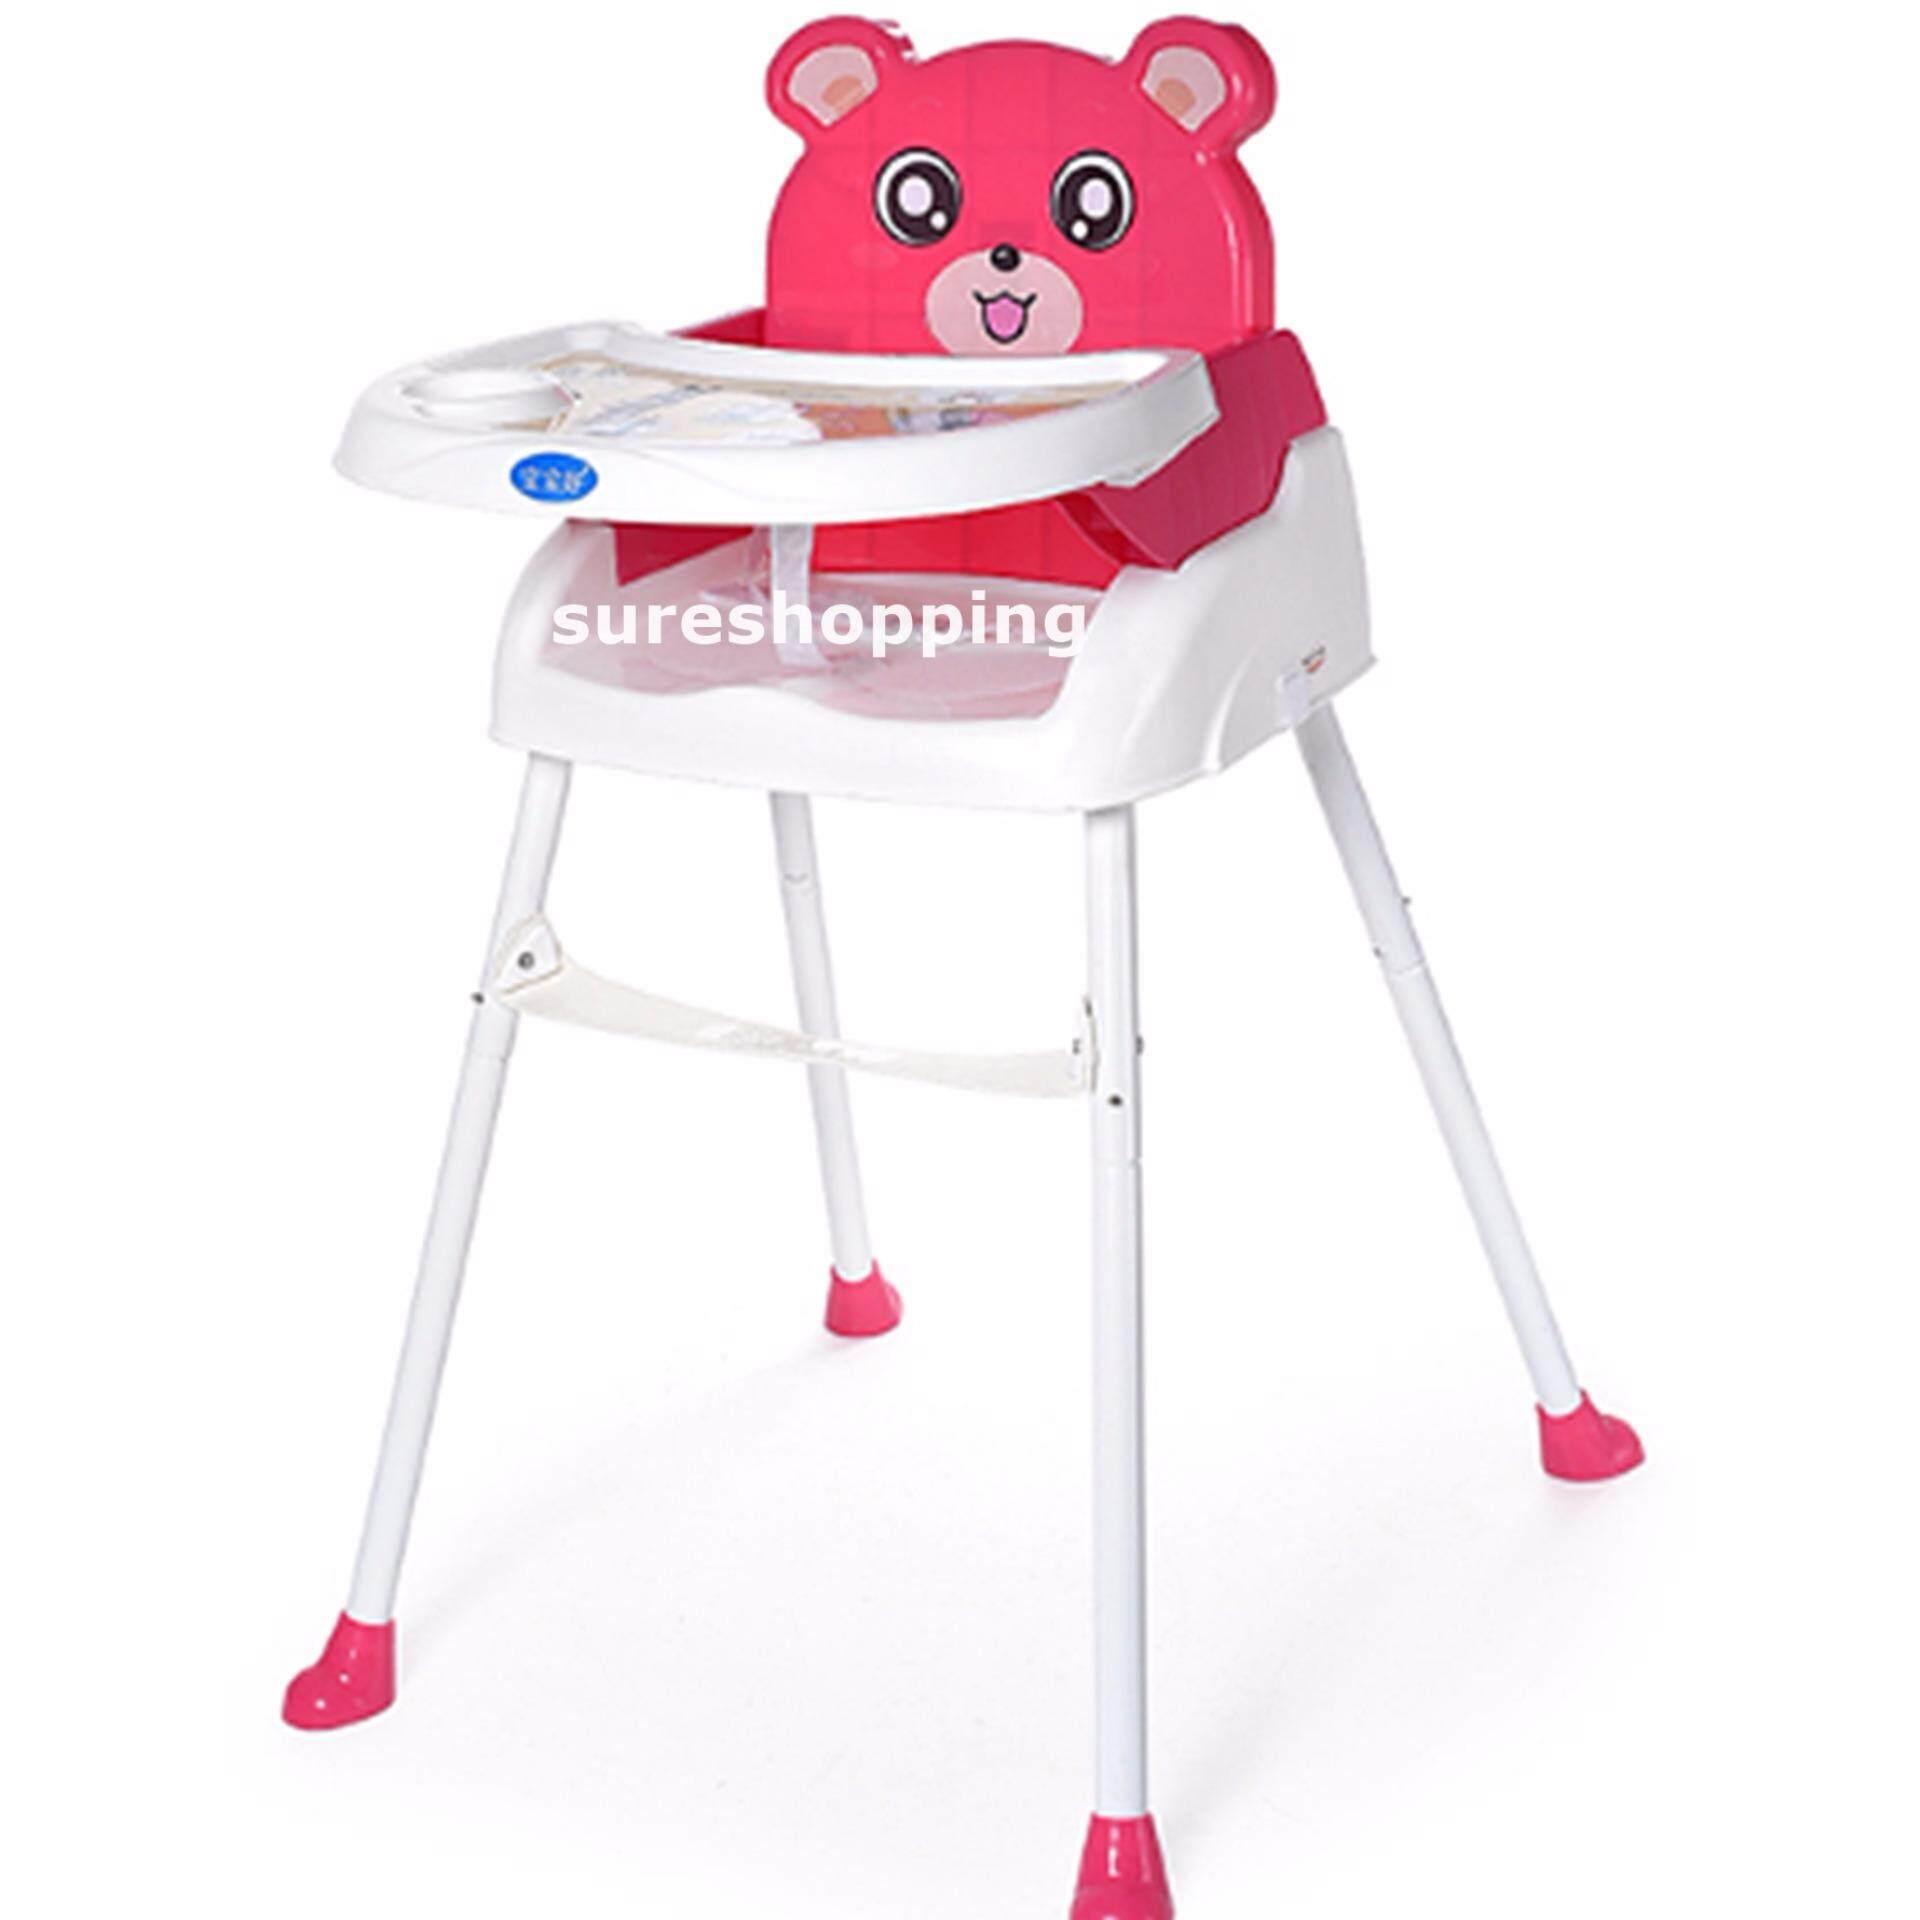 รีวิว เก้าอี้กินข้าวเด็ก พับได้ เก้าอี้หัดนั่ง ของใช้เด็ก โต๊ะกินข้าวเด็ก โต๊ะกินข้าวเด็กทรงสูง เก้าอี้กินข้าวเด็กทรงสูง โต๊ะเด็ก เก้าอี้เด็ก สีชมพู รุ่นพับได้